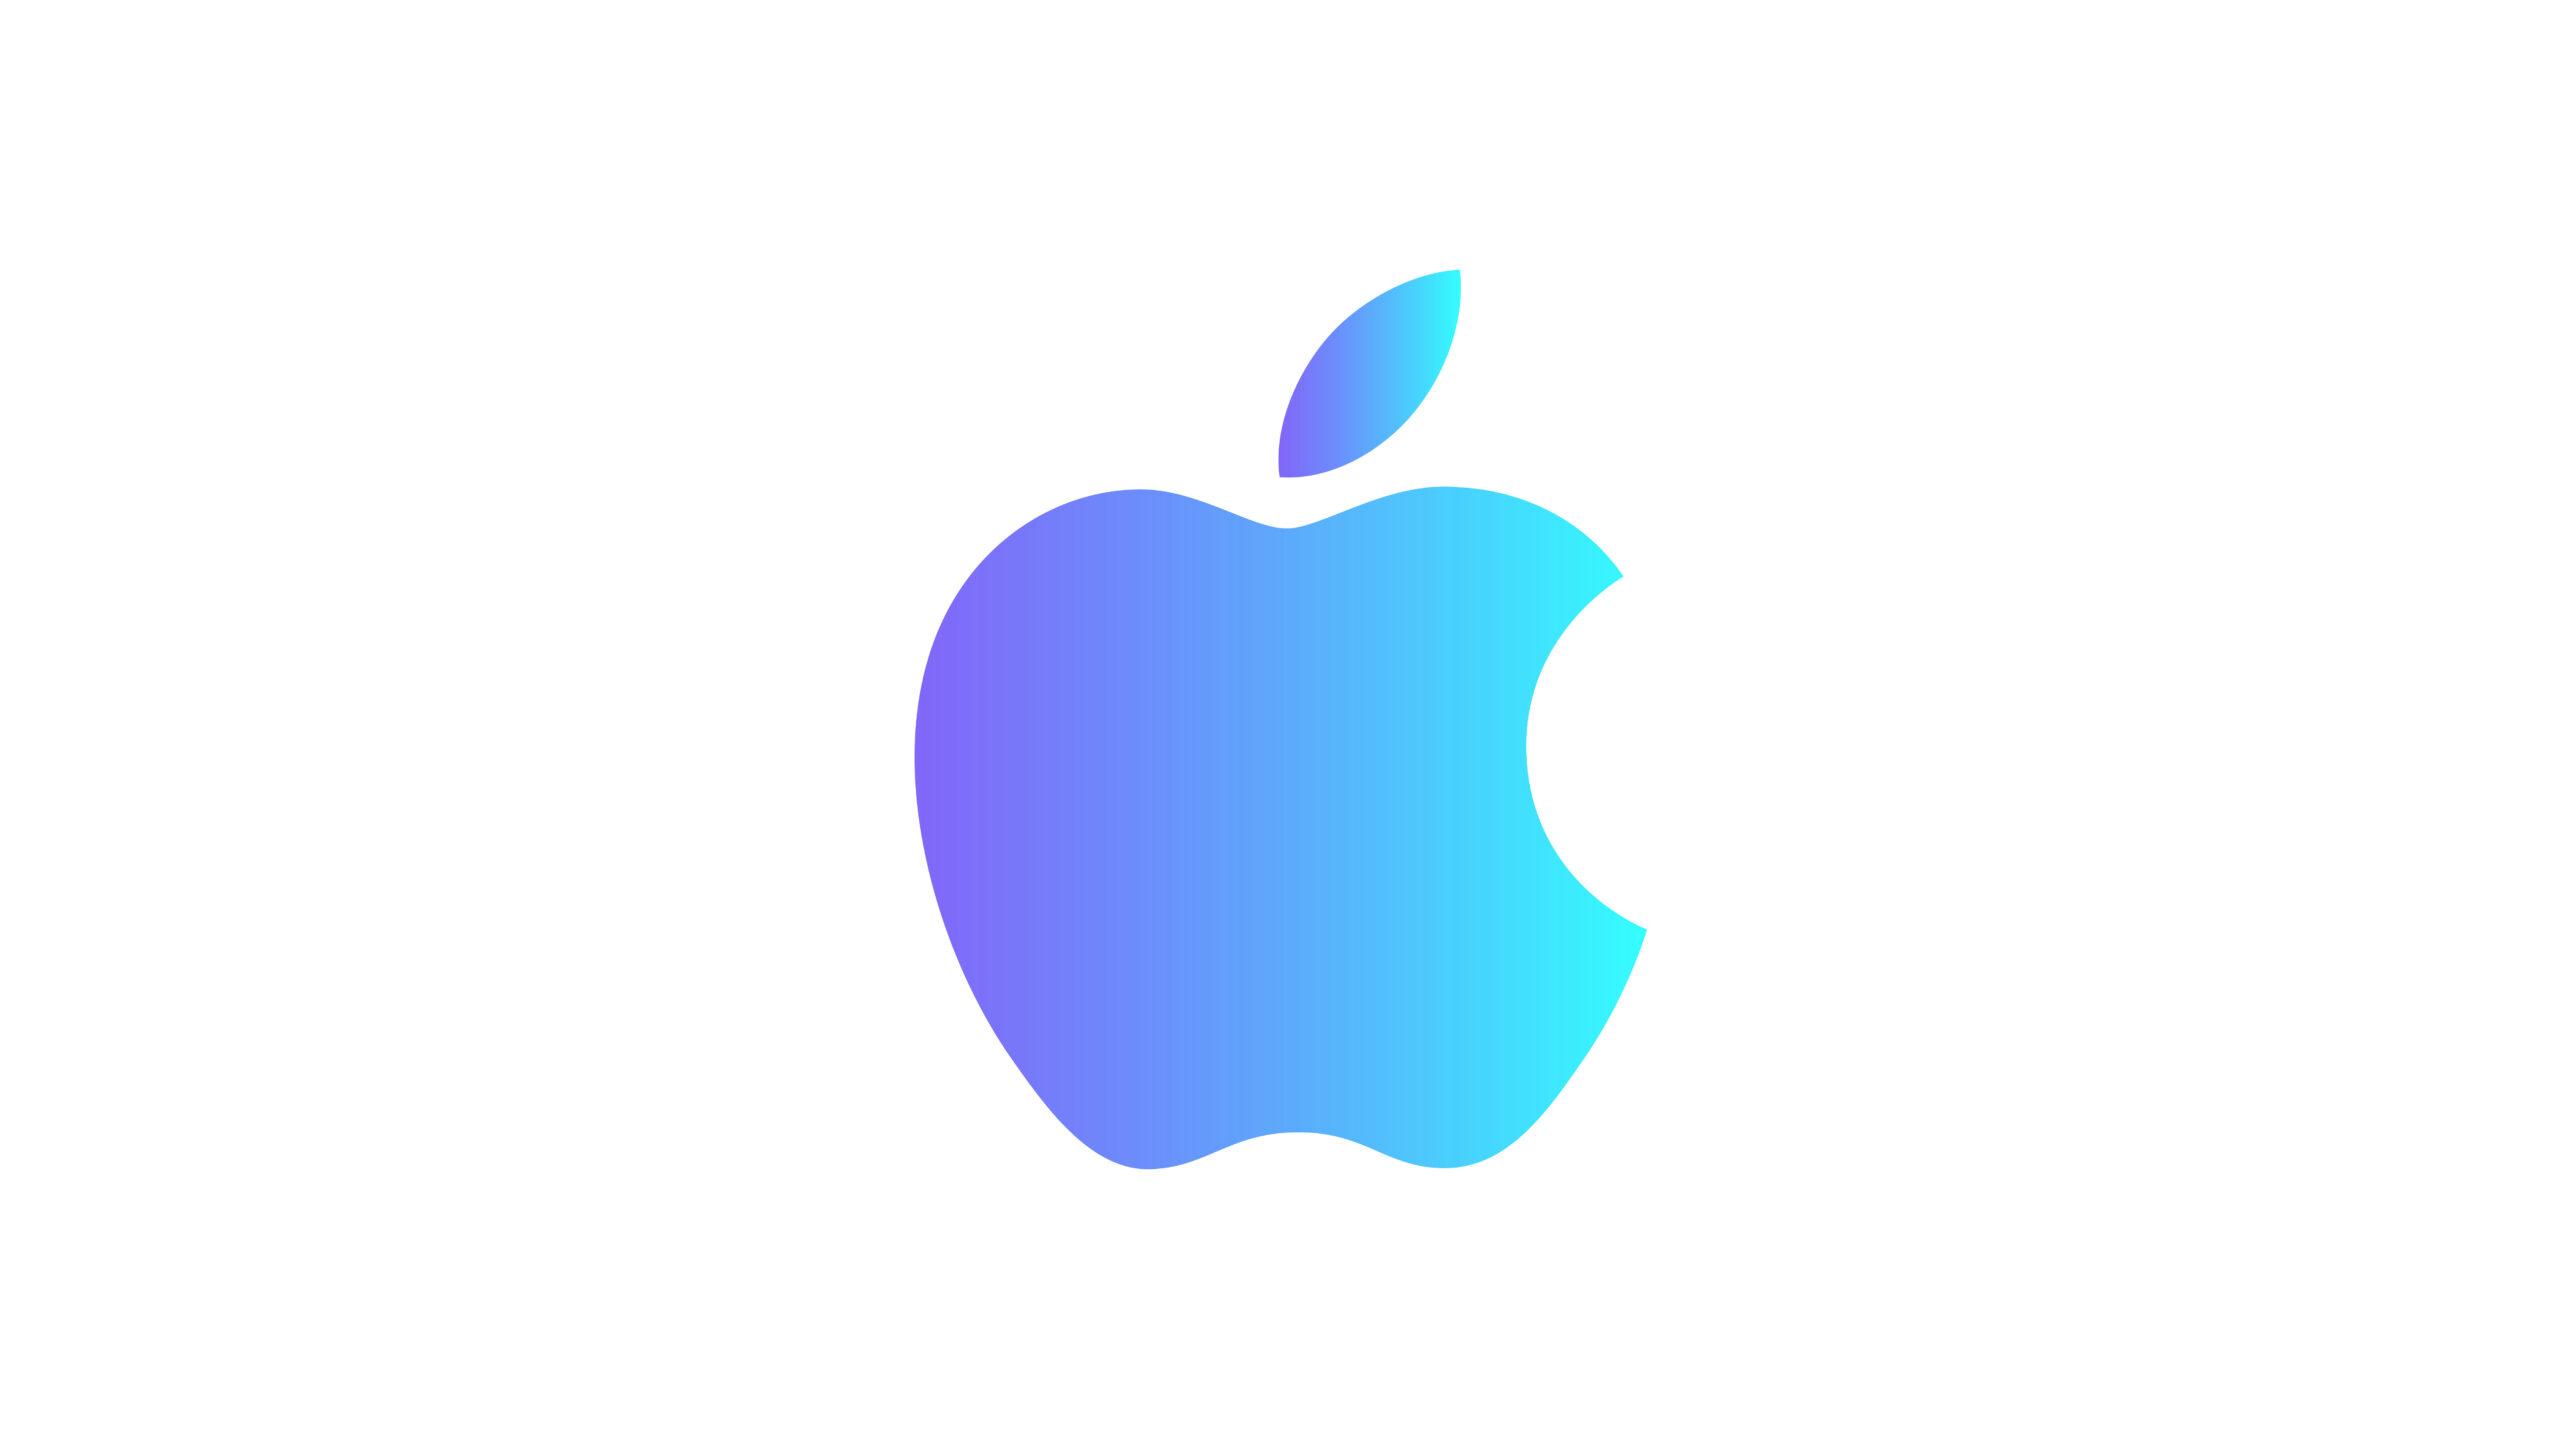 Тесла Apple - теперь и страховщик